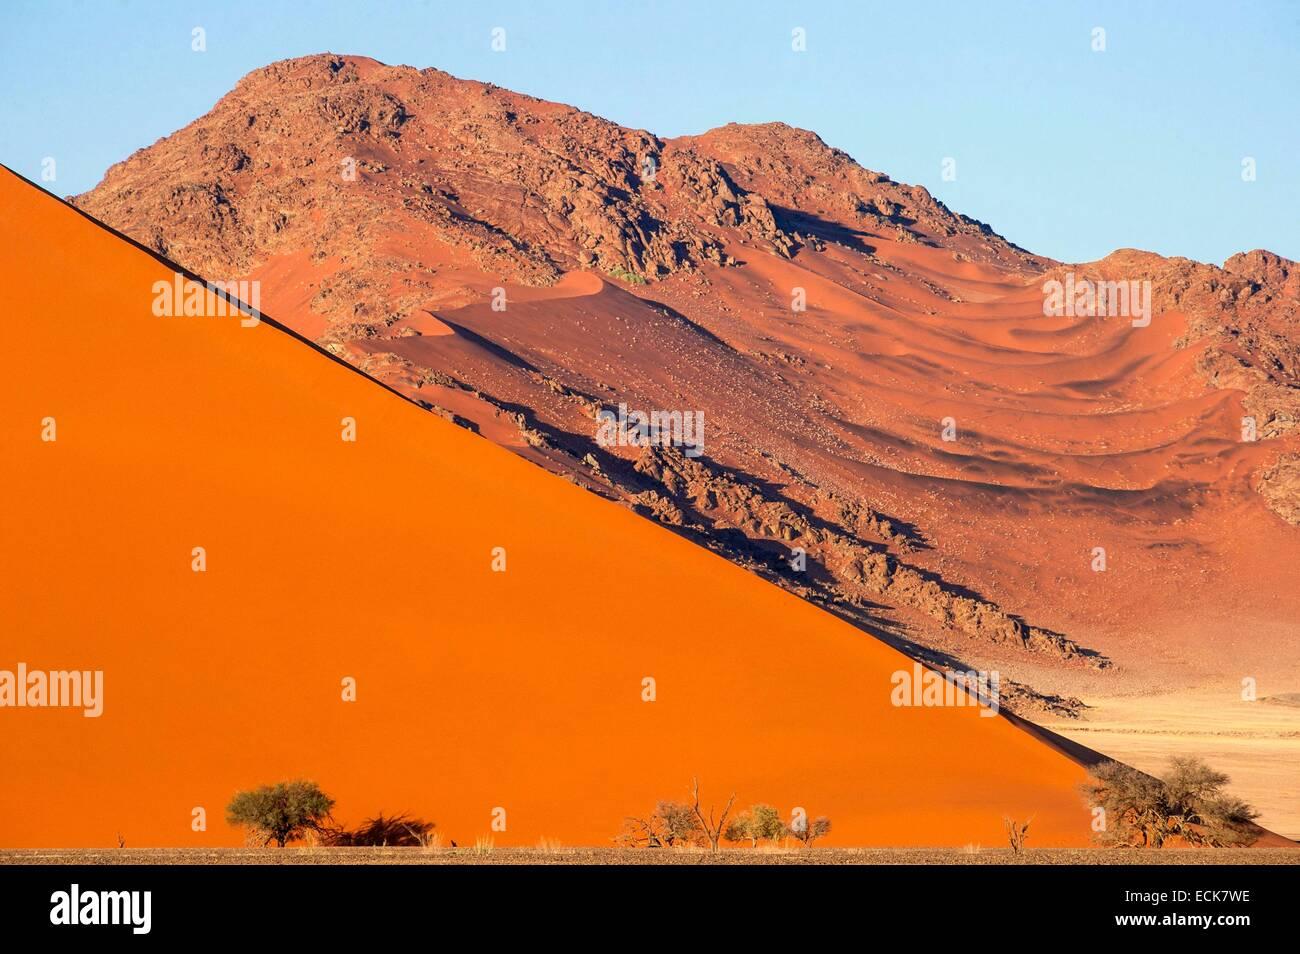 La Namibie, région Hardap, désert du Namib, le Namib Namib-Naukluft national park, La Mer de Sable classée au Patrimoine Mondial de l'UNESCO, les dunes de Sossusvlei Banque D'Images